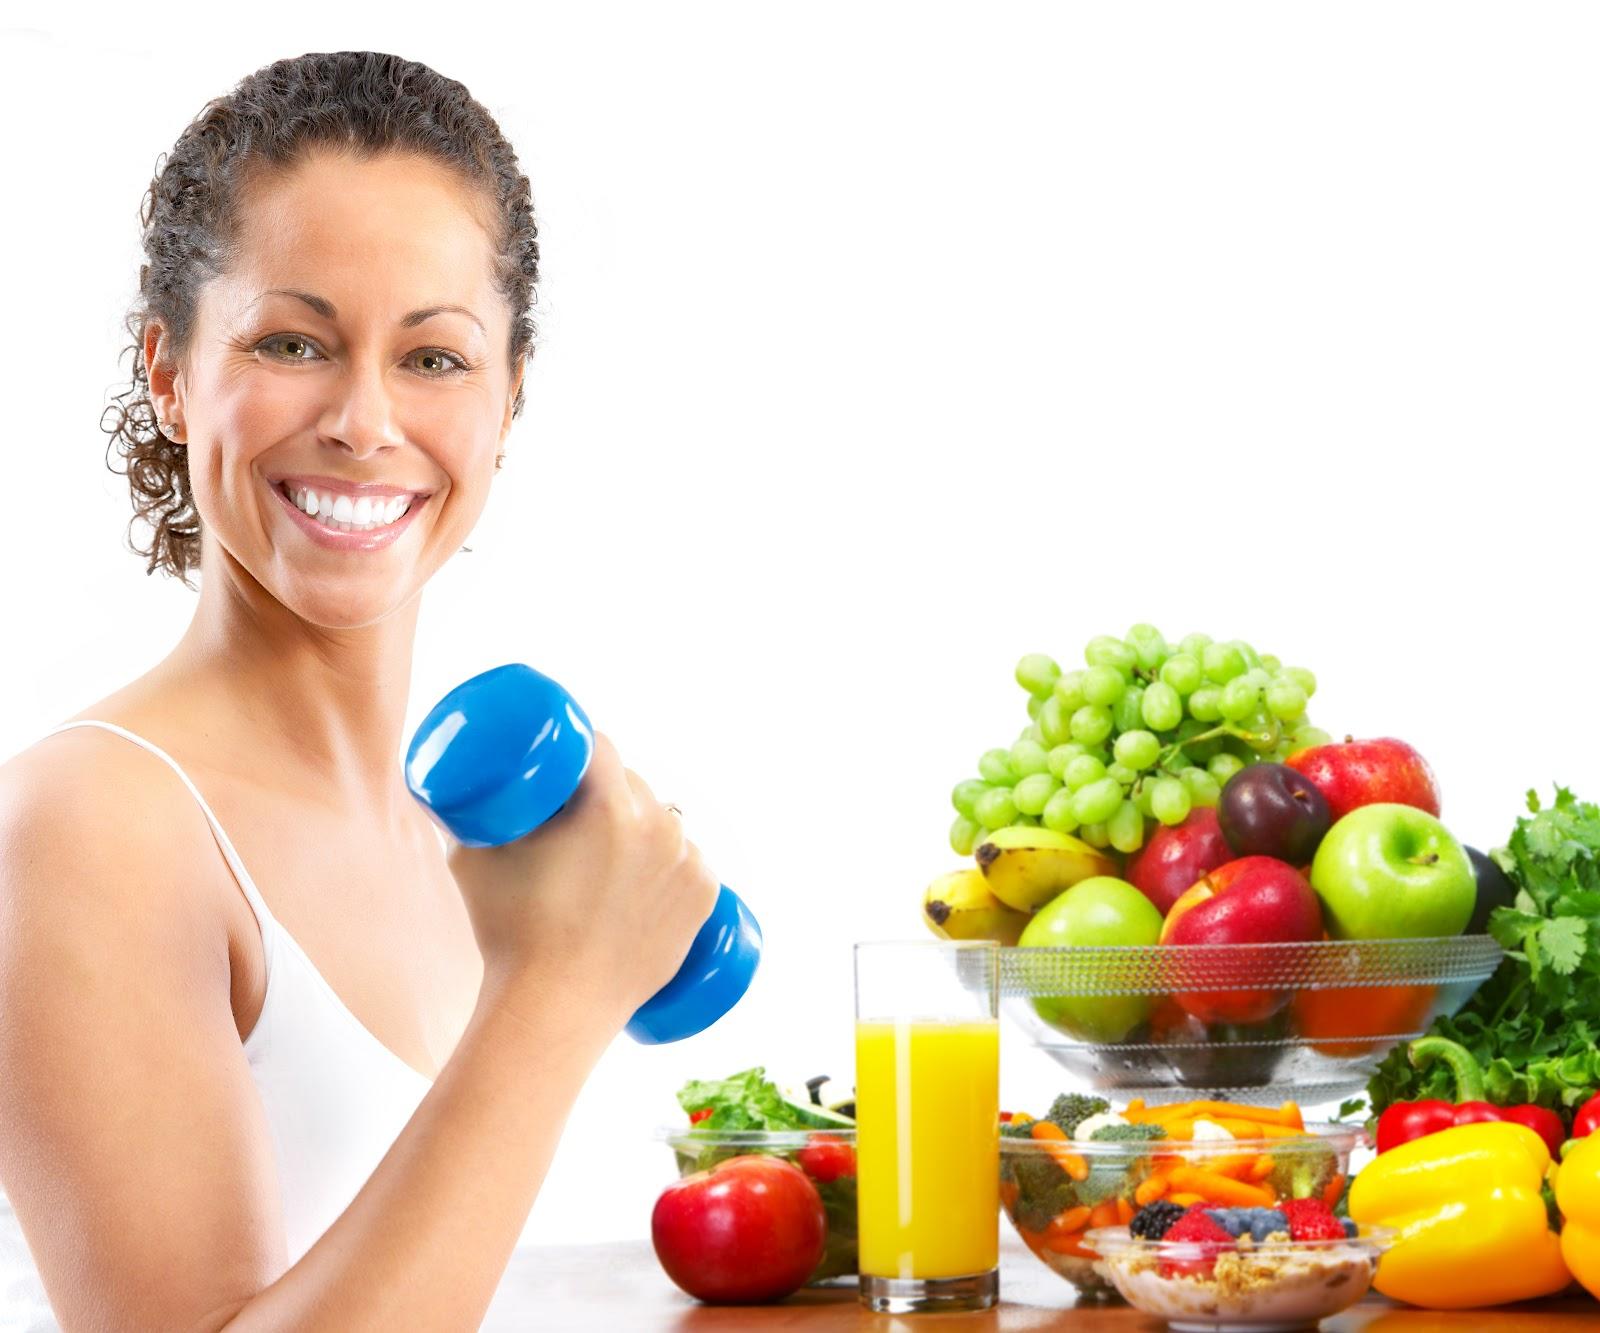 Снижение веса на правильном питании - продукты и меню на каждый день, рецепты блюд